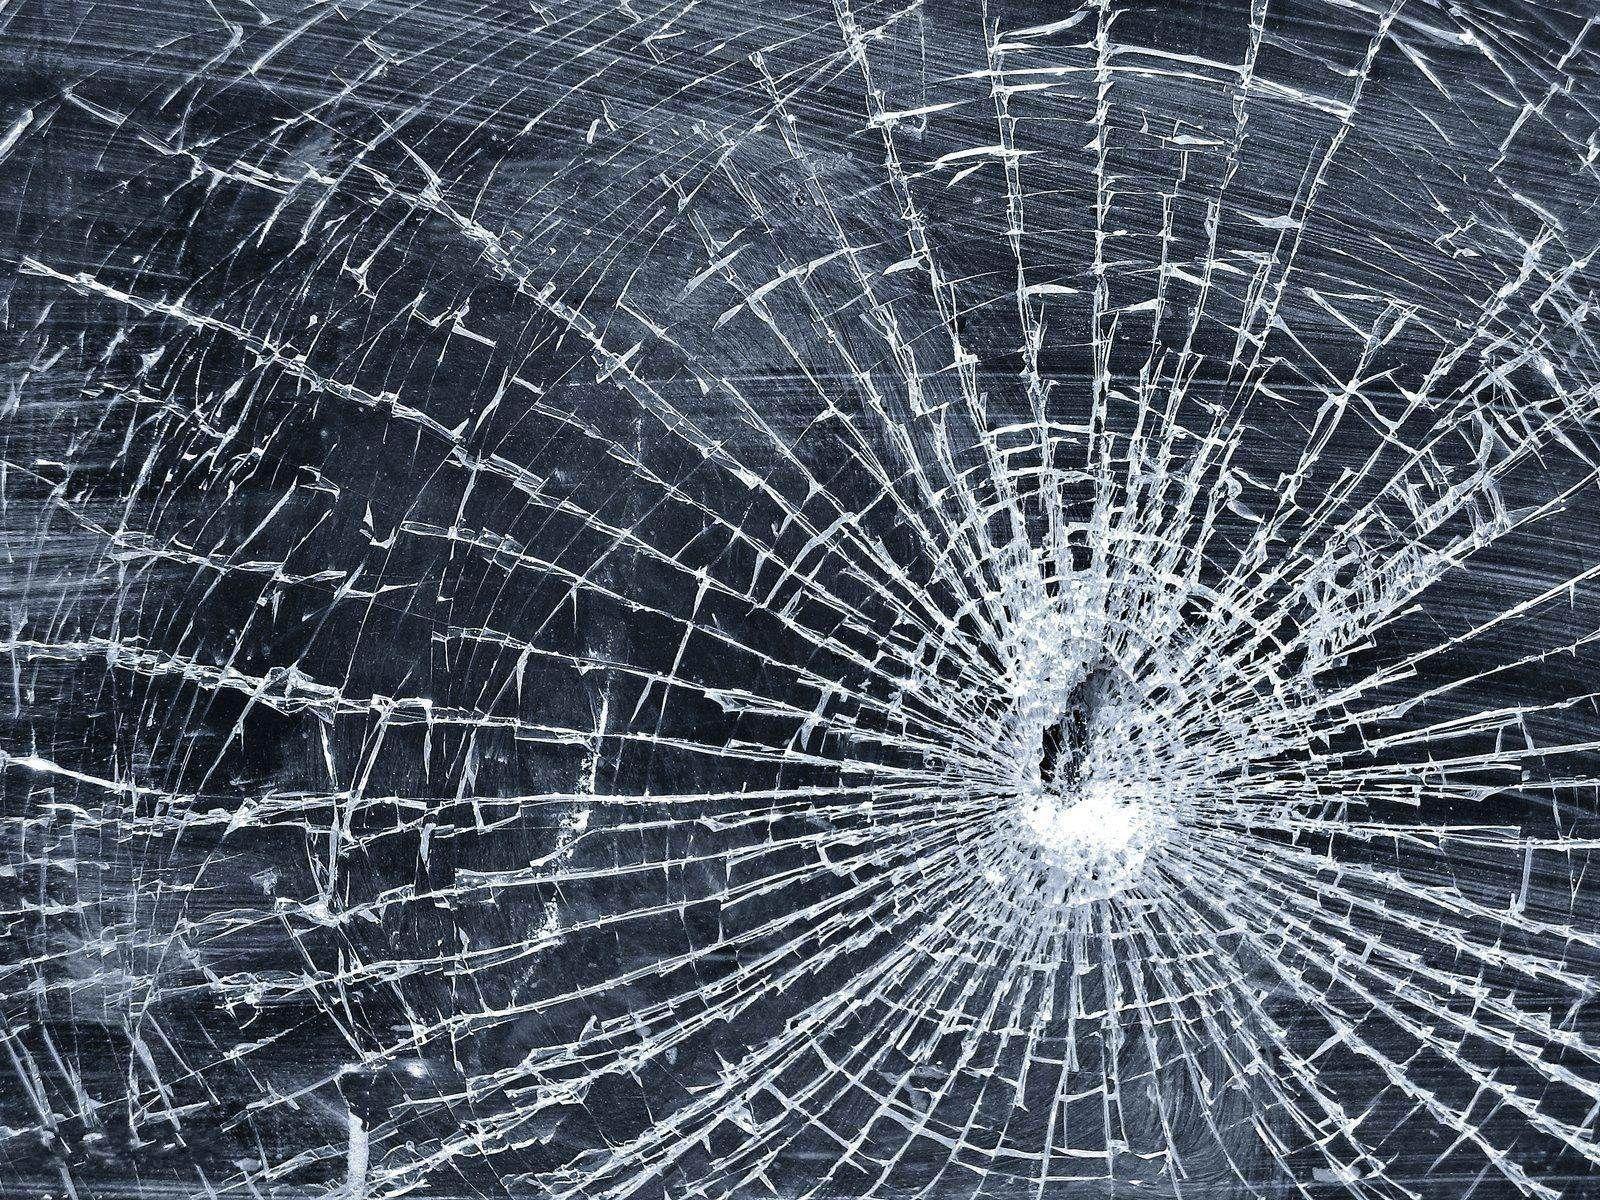 Broken Screen Wallpapers Mac Wallpaper 640x960 Cracked IPhone